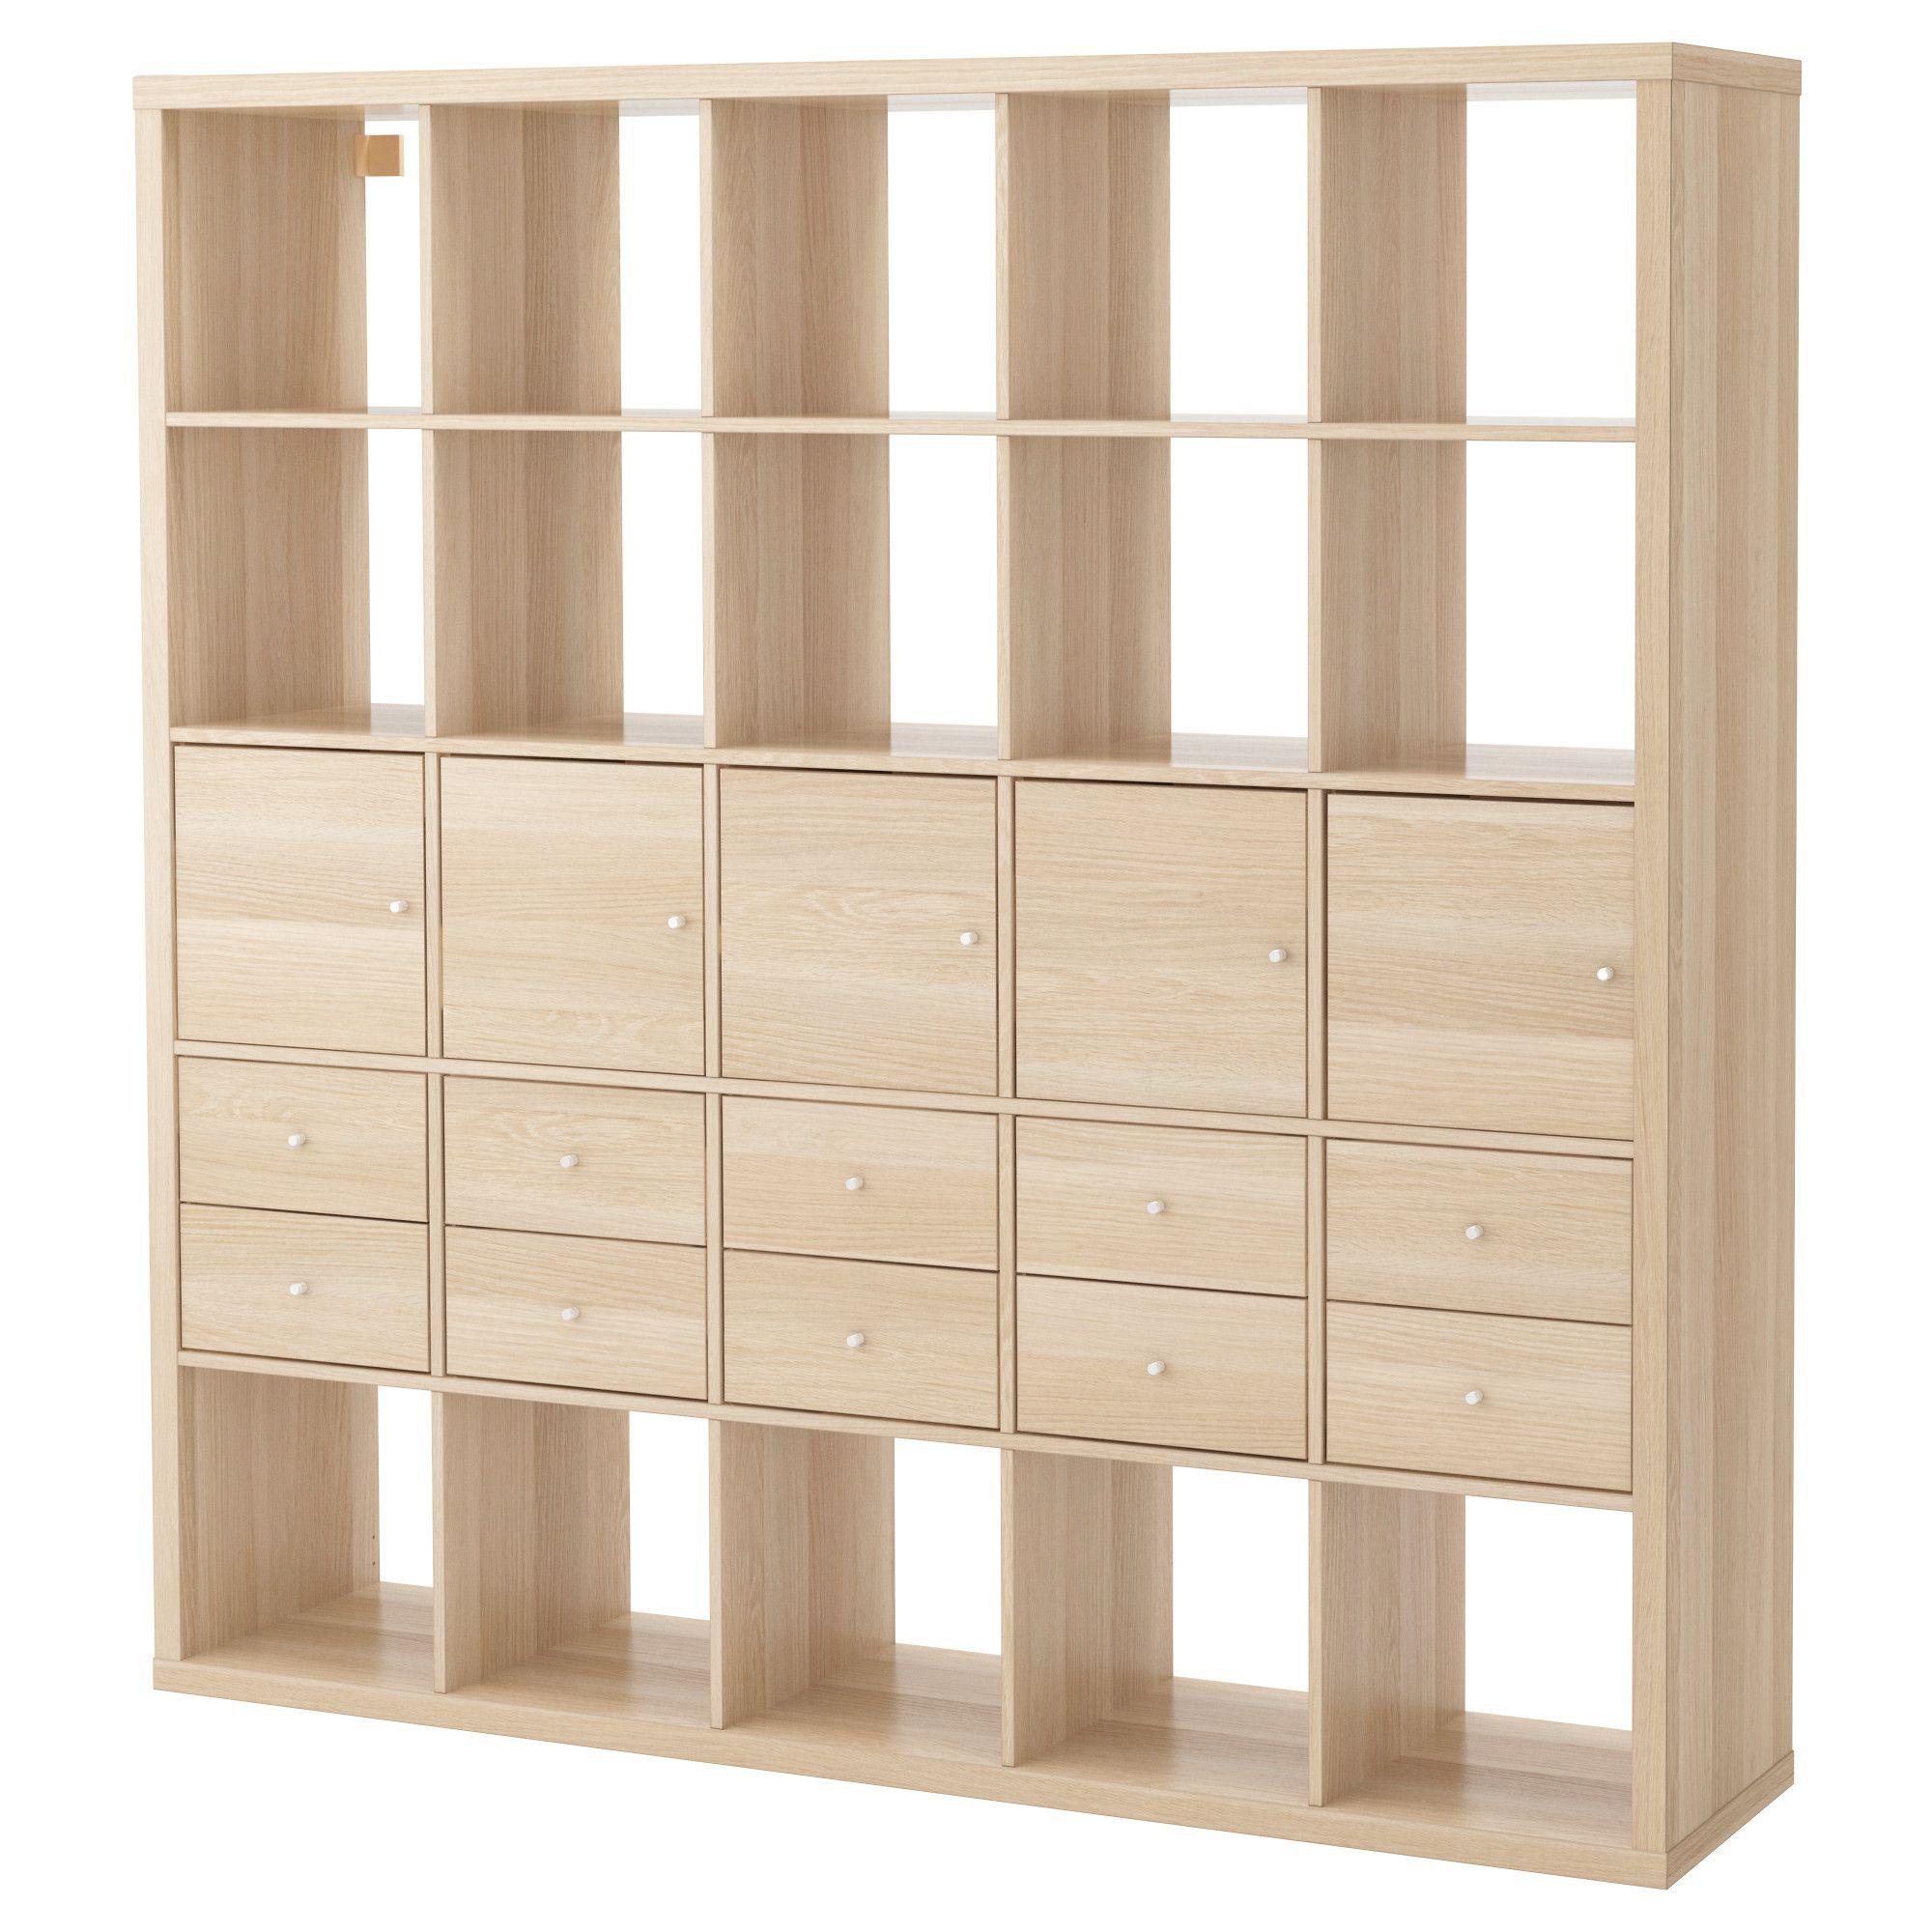 Ikea regalsystem kallax  KALLAX, Regal mit 10 Einsätzen, Eicheneff wlas, Jetzt bestellen ...